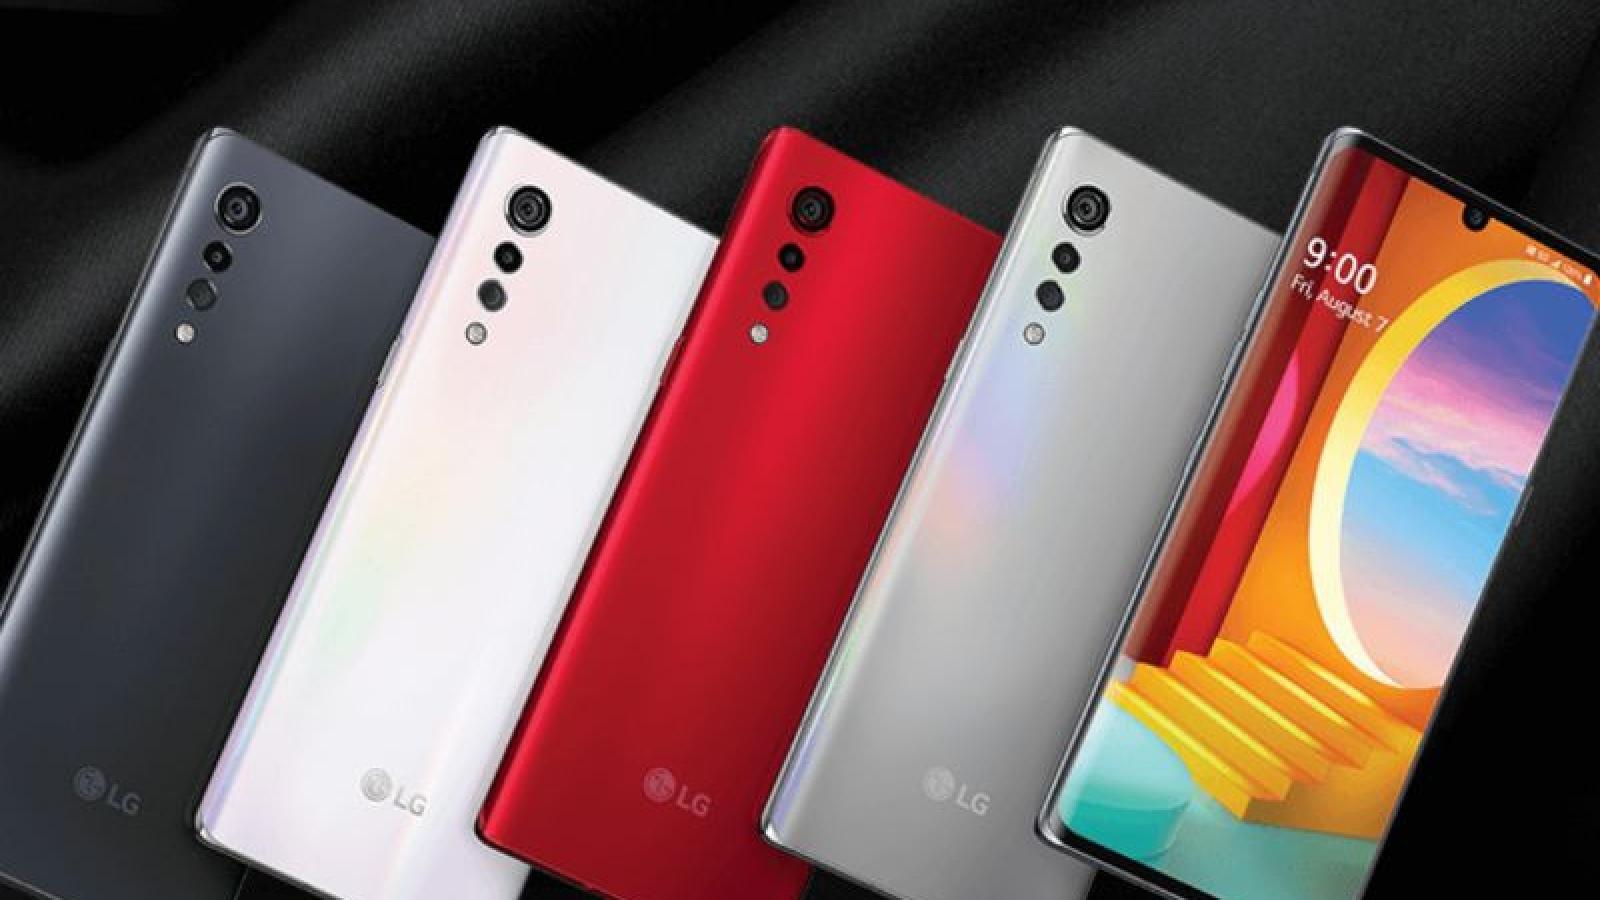 Liên tục thua lỗ, LG có thể sẽ ngừng sản xuất smartphone